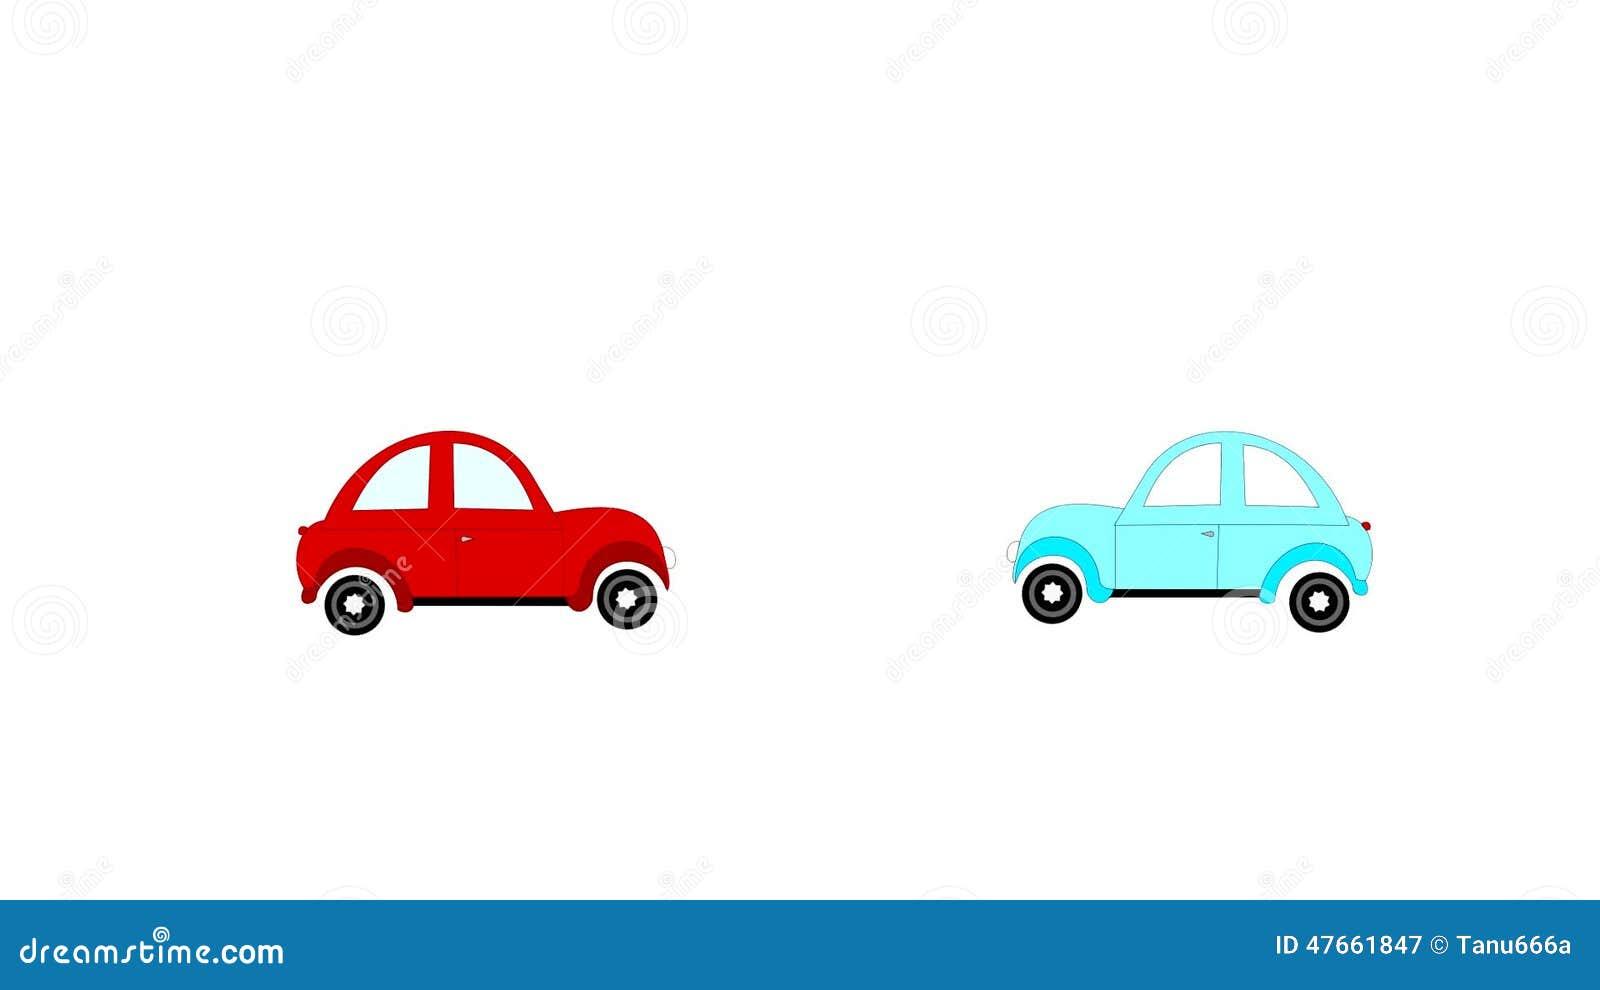 Ausgezeichnet Autounfall Animation Fotos - Elektrische Schaltplan ...